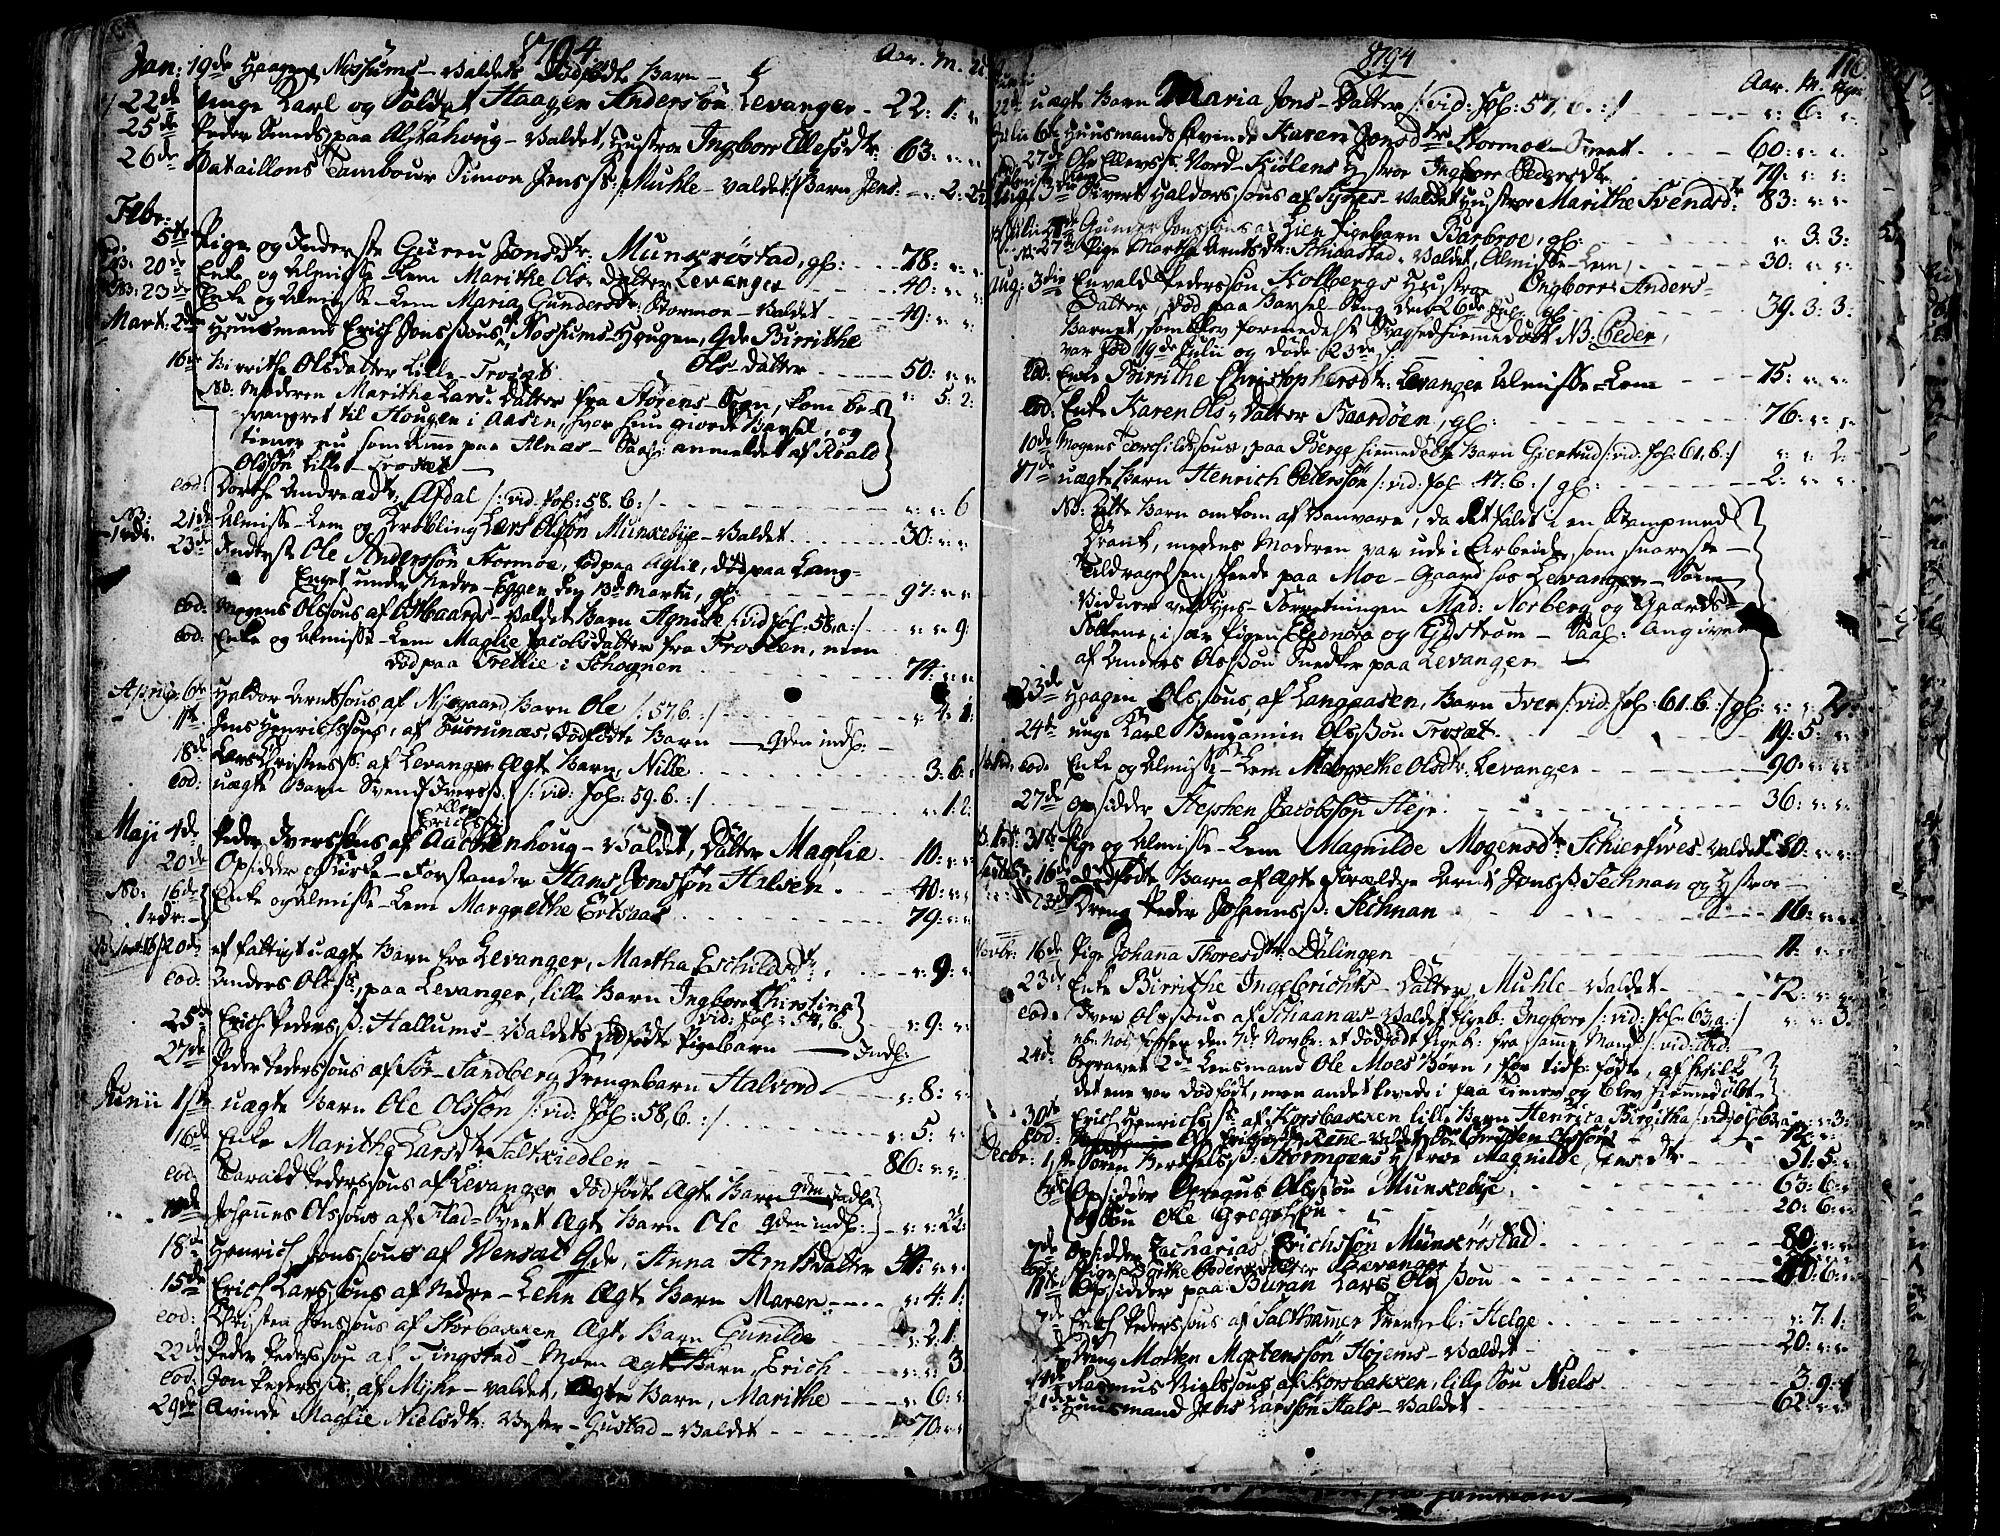 SAT, Ministerialprotokoller, klokkerbøker og fødselsregistre - Nord-Trøndelag, 717/L0142: Ministerialbok nr. 717A02 /1, 1783-1809, s. 116